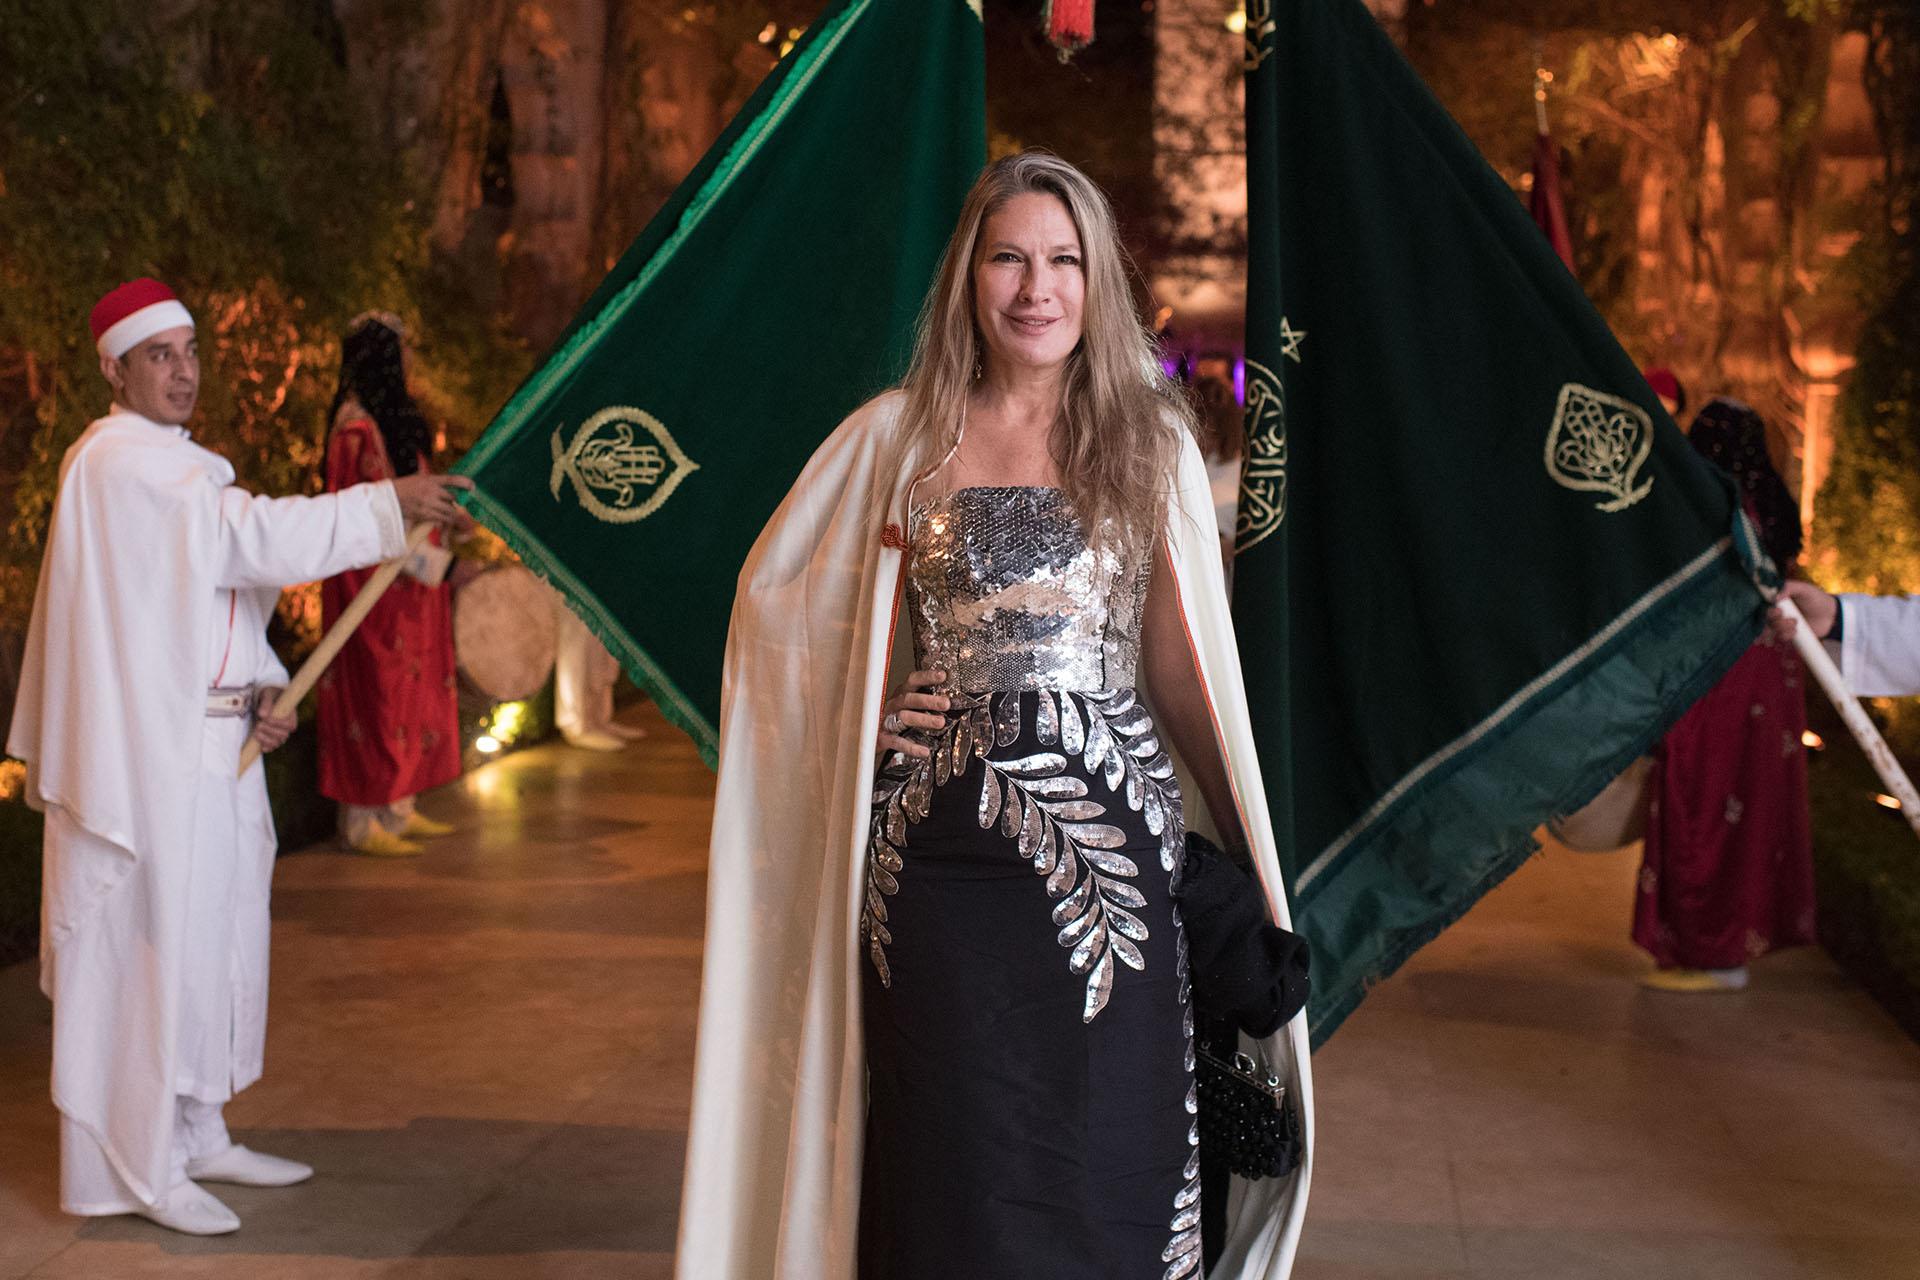 La empresaria Ana Rusconi, viuda de Luis Rusconi y madre de Juan Rusconi, fue otra de las invitadas de lujo en la Oriental Party